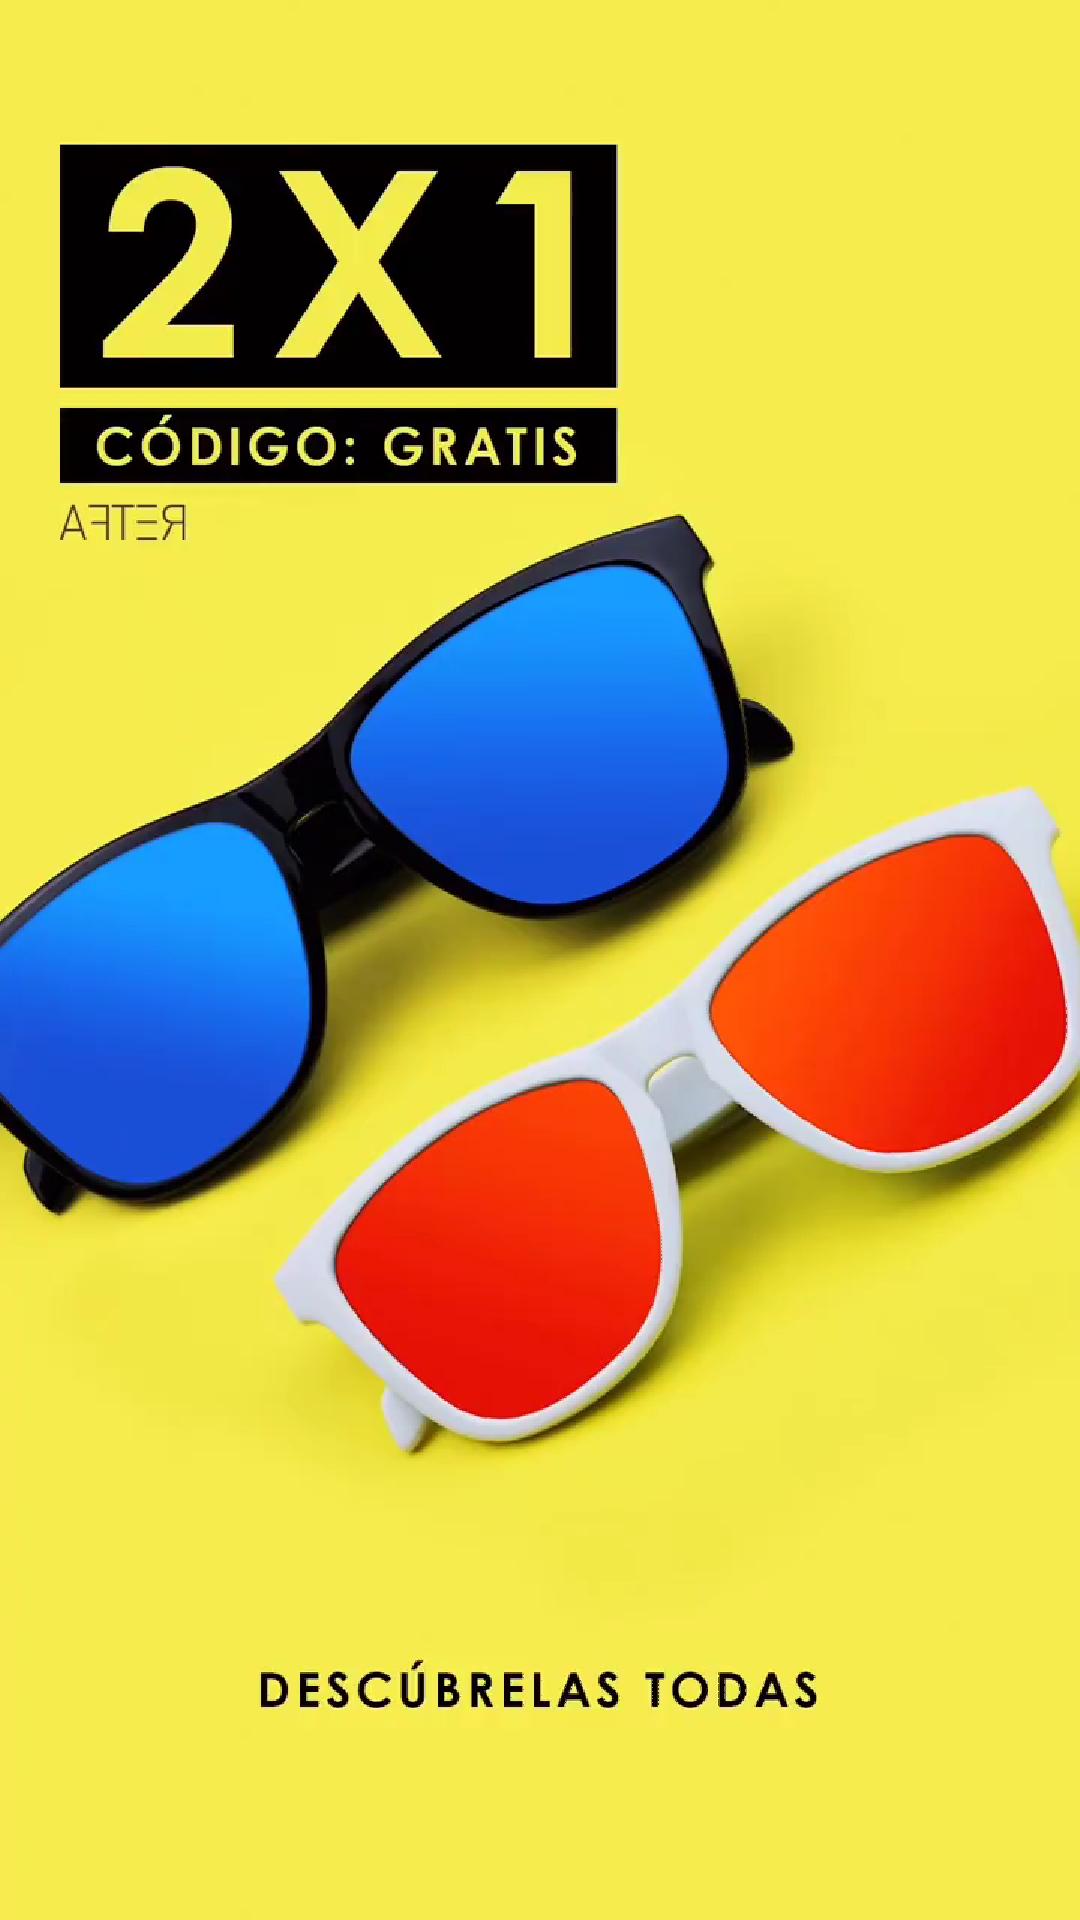 2x1 en gafas de sol aftersunglasses